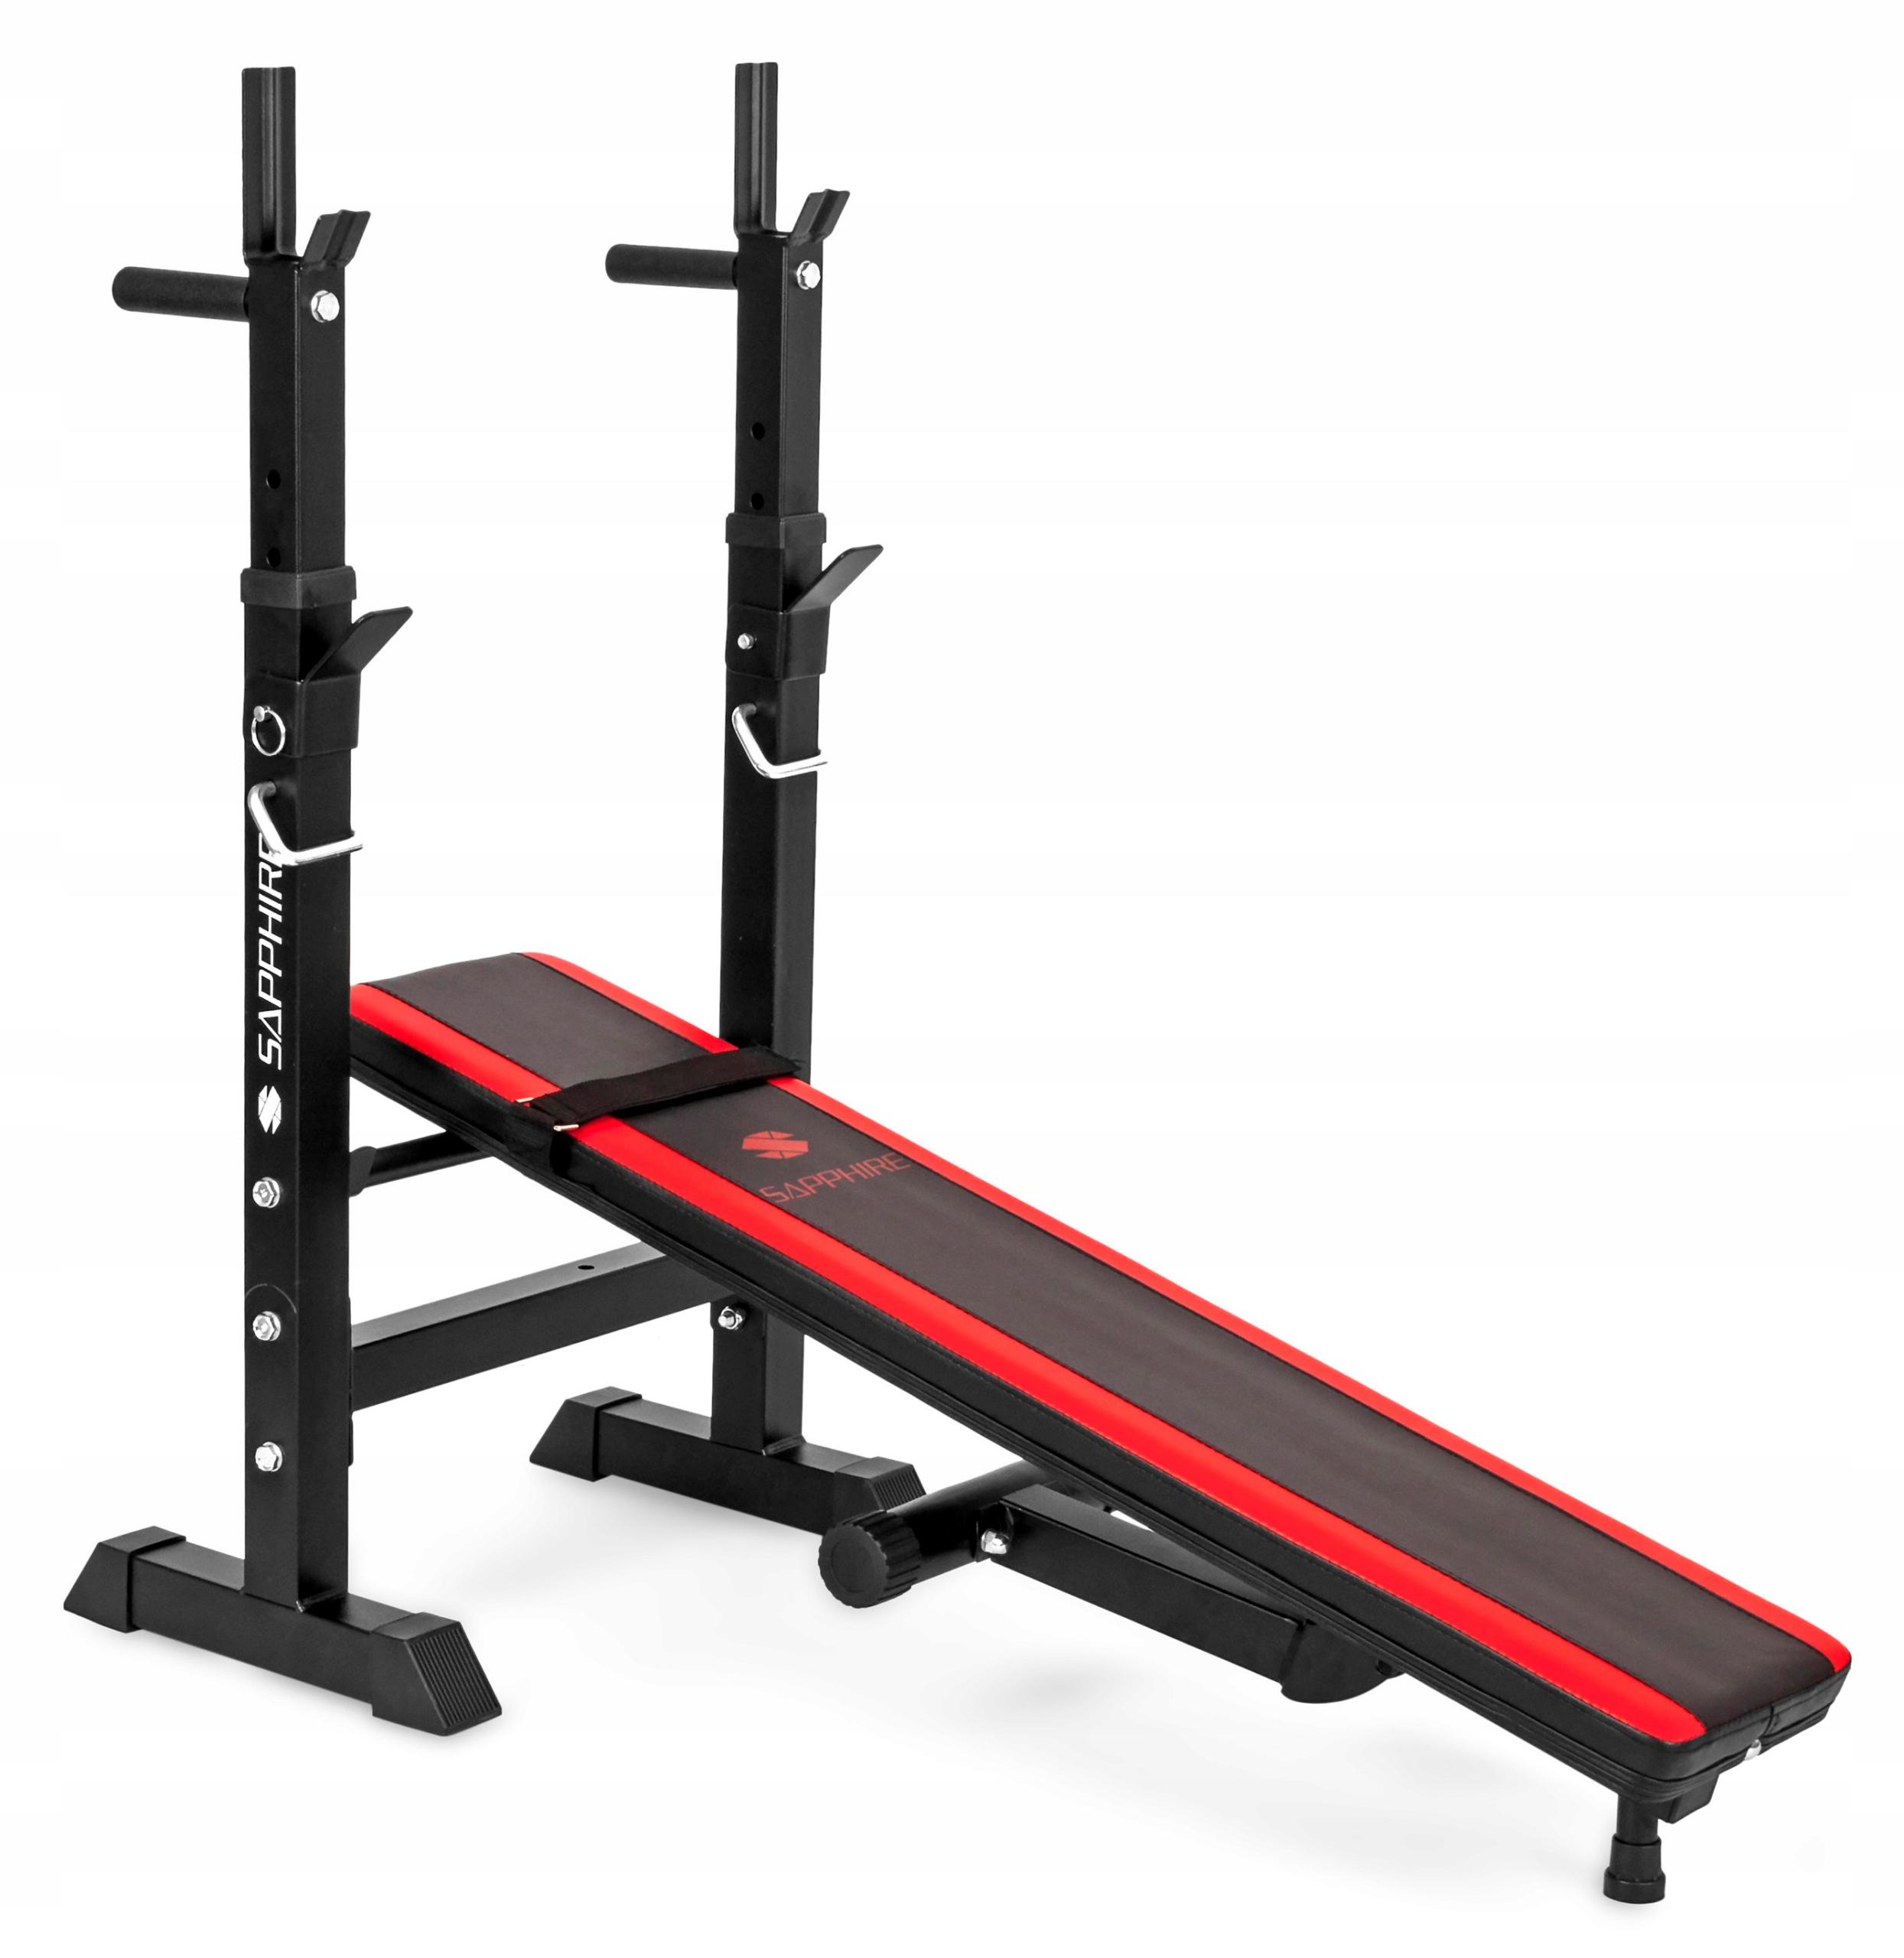 XYLO siłownia 56 kg zestaw ŁAWKA+GRYF+OBCIĄŻENIA Marka Xylo